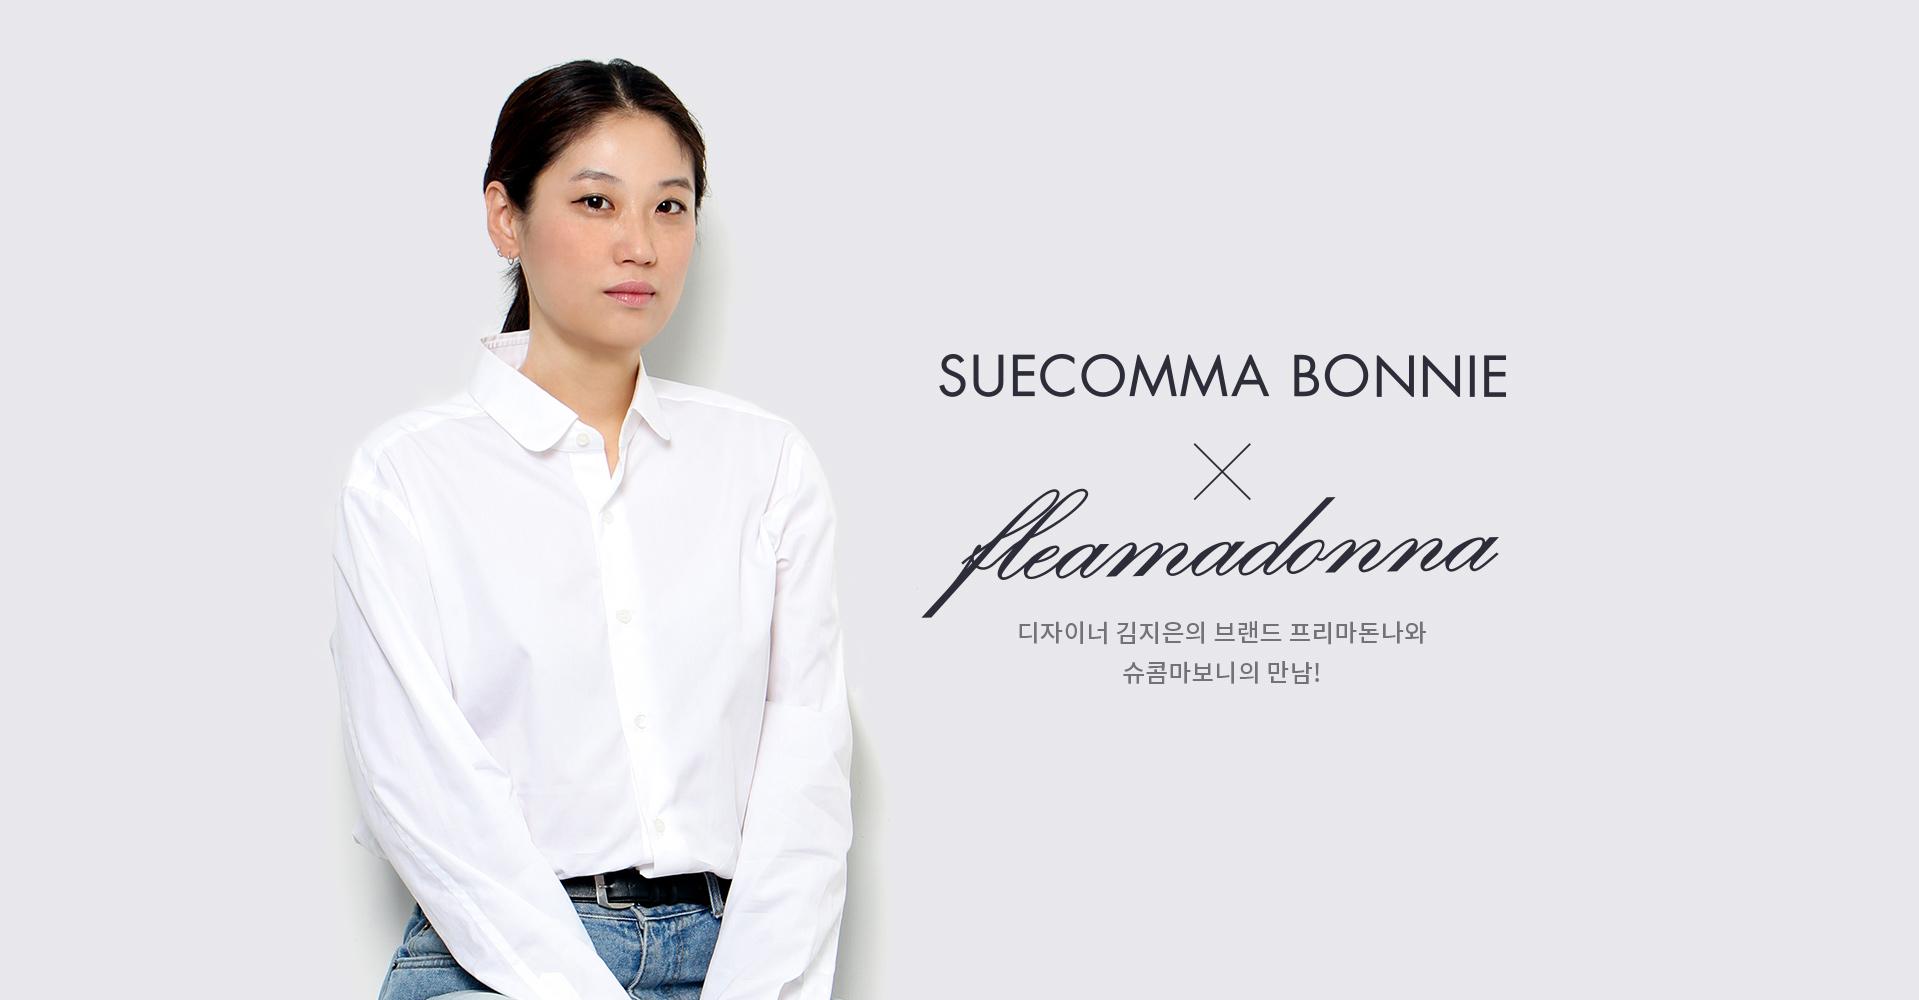 SUECOMMABONNIE